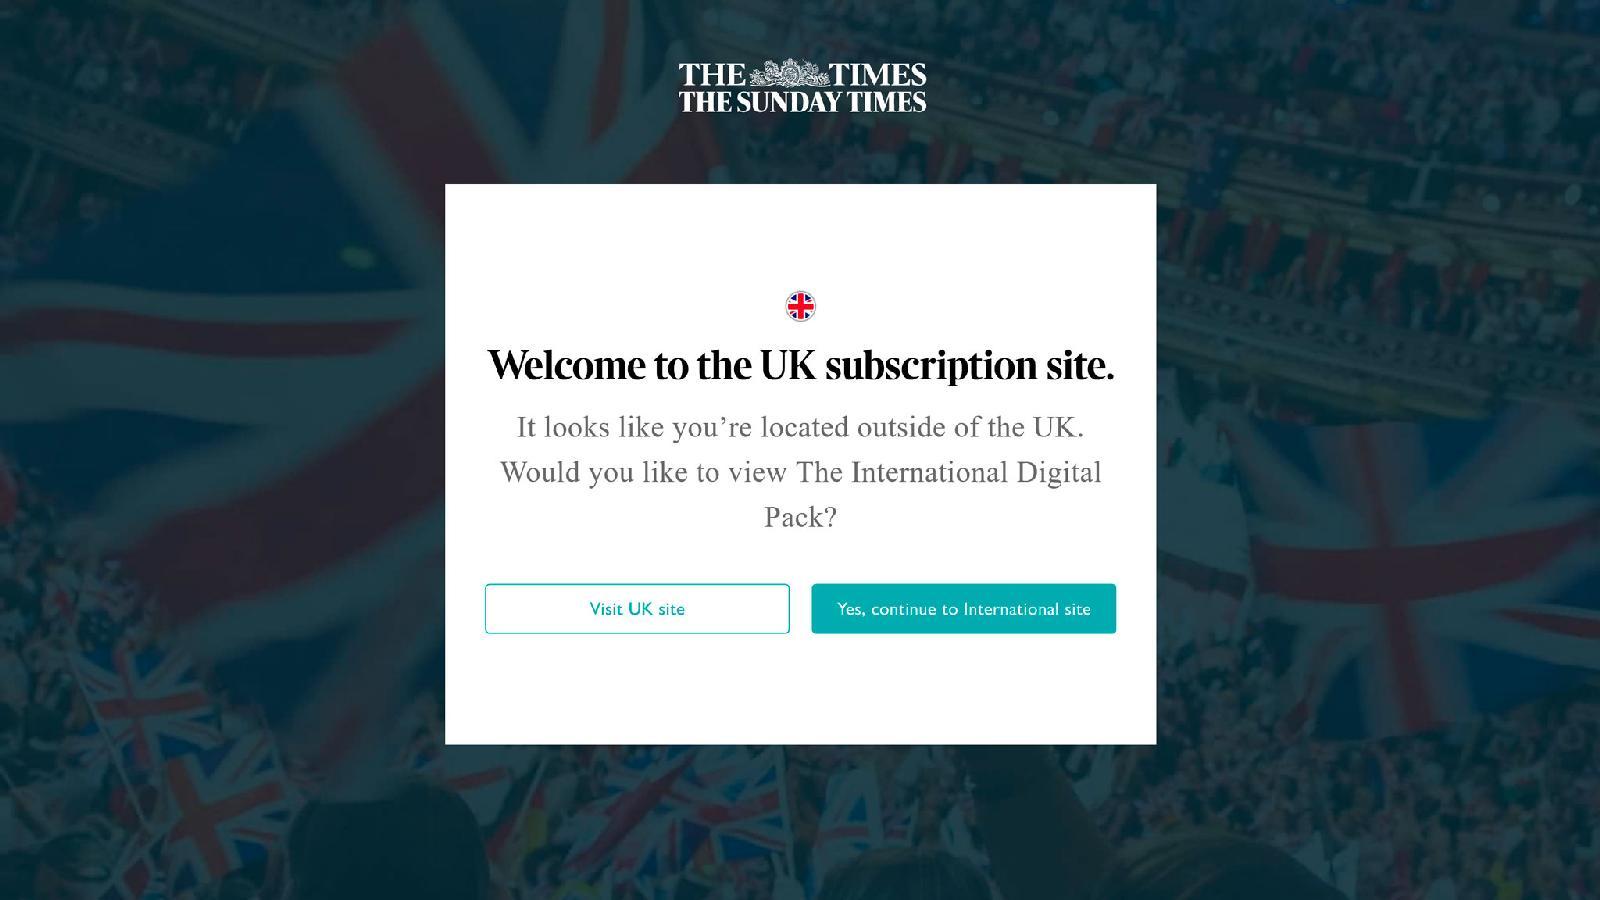 Для жителей Великобритании цифровая подписка на The Times дороже: £26 в месяц (и только £1 в неделю первые 8 недель). В то время как для граждан других стран она стоит £10 в месяц (первый месяц — бесплатно)